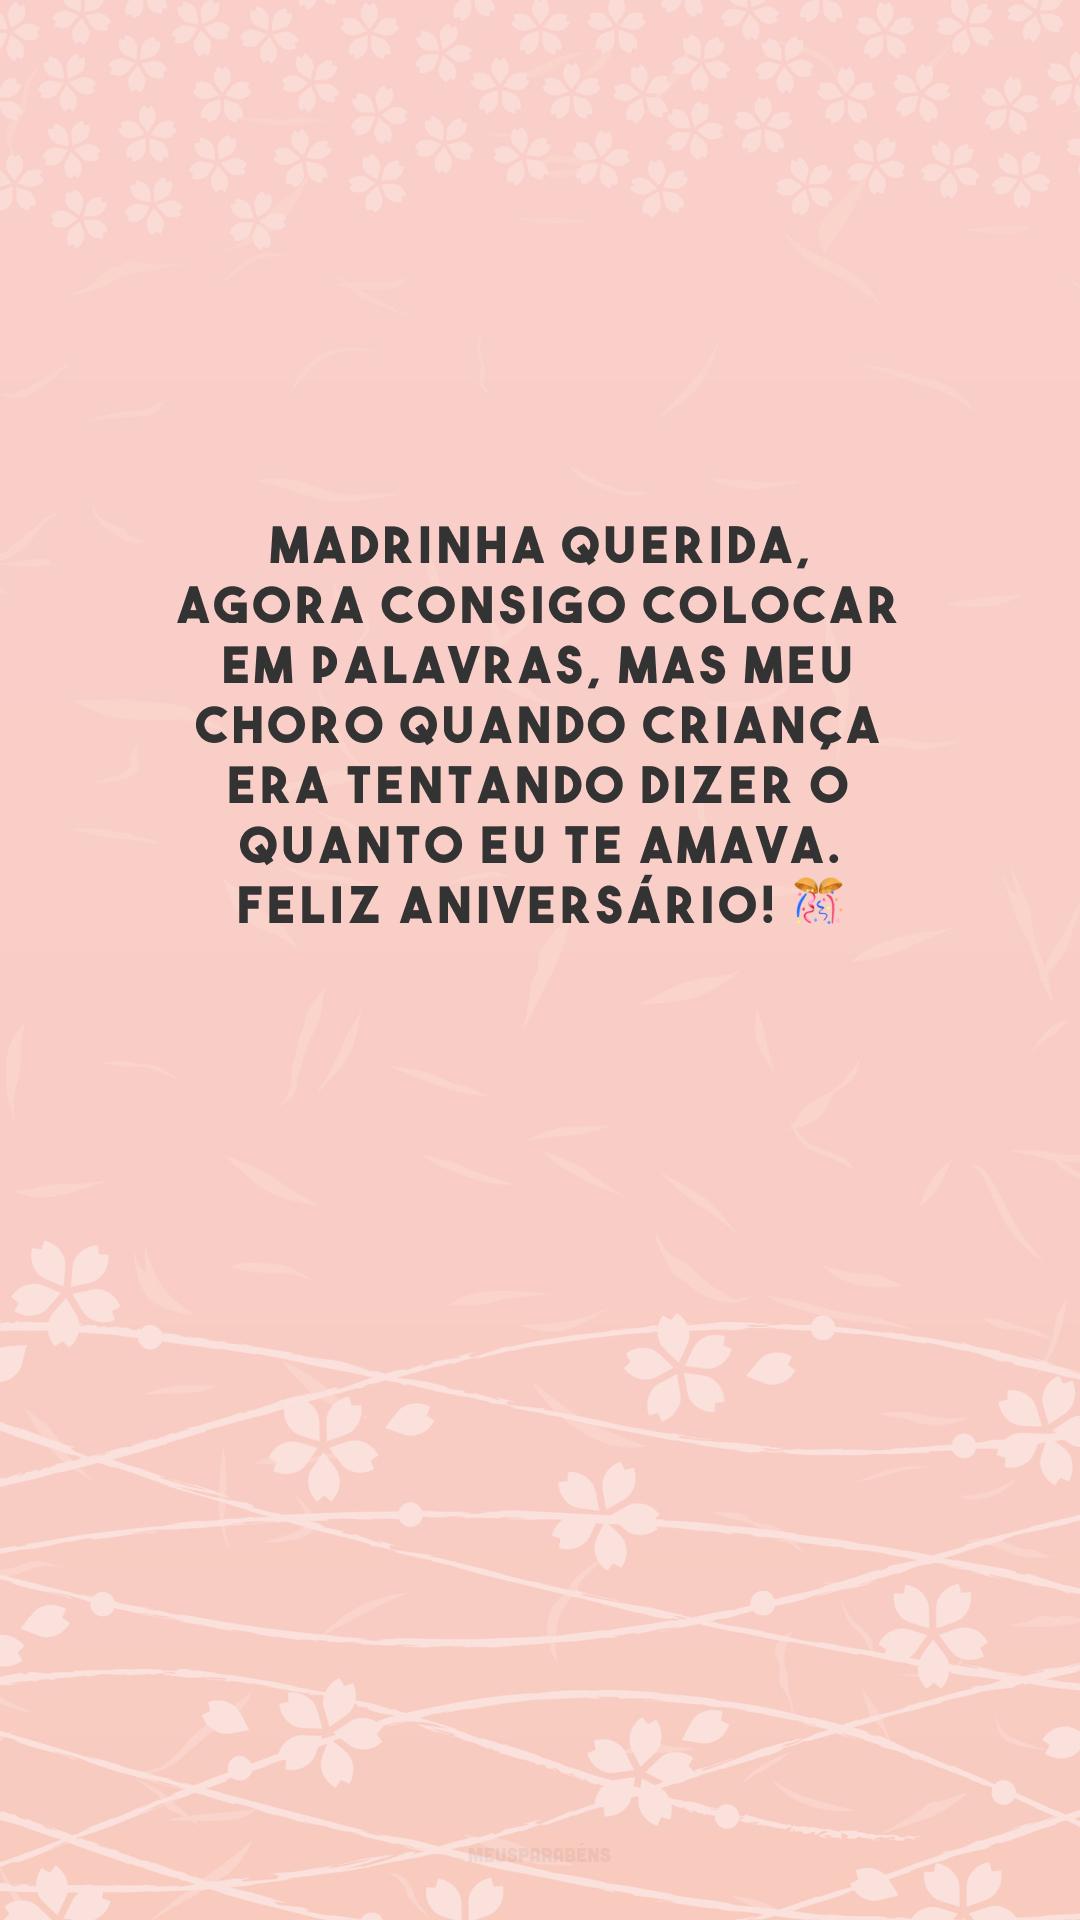 Madrinha querida, agora consigo colocar em palavras, mas meu choro quando criança era tentando dizer o quanto eu te amava. Feliz aniversário! 🎊